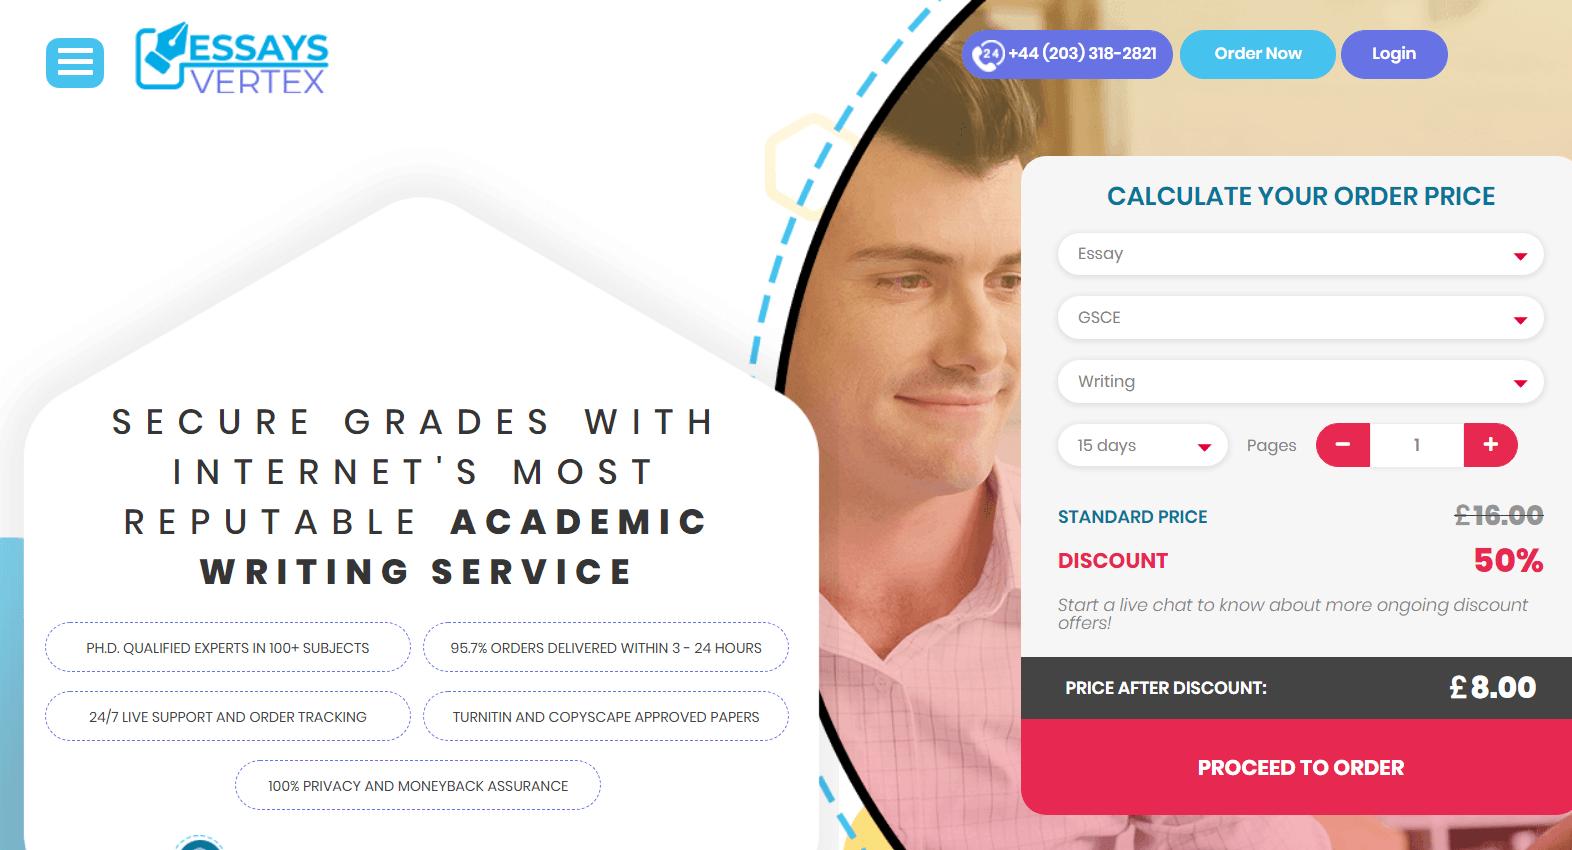 essaysvertex.com